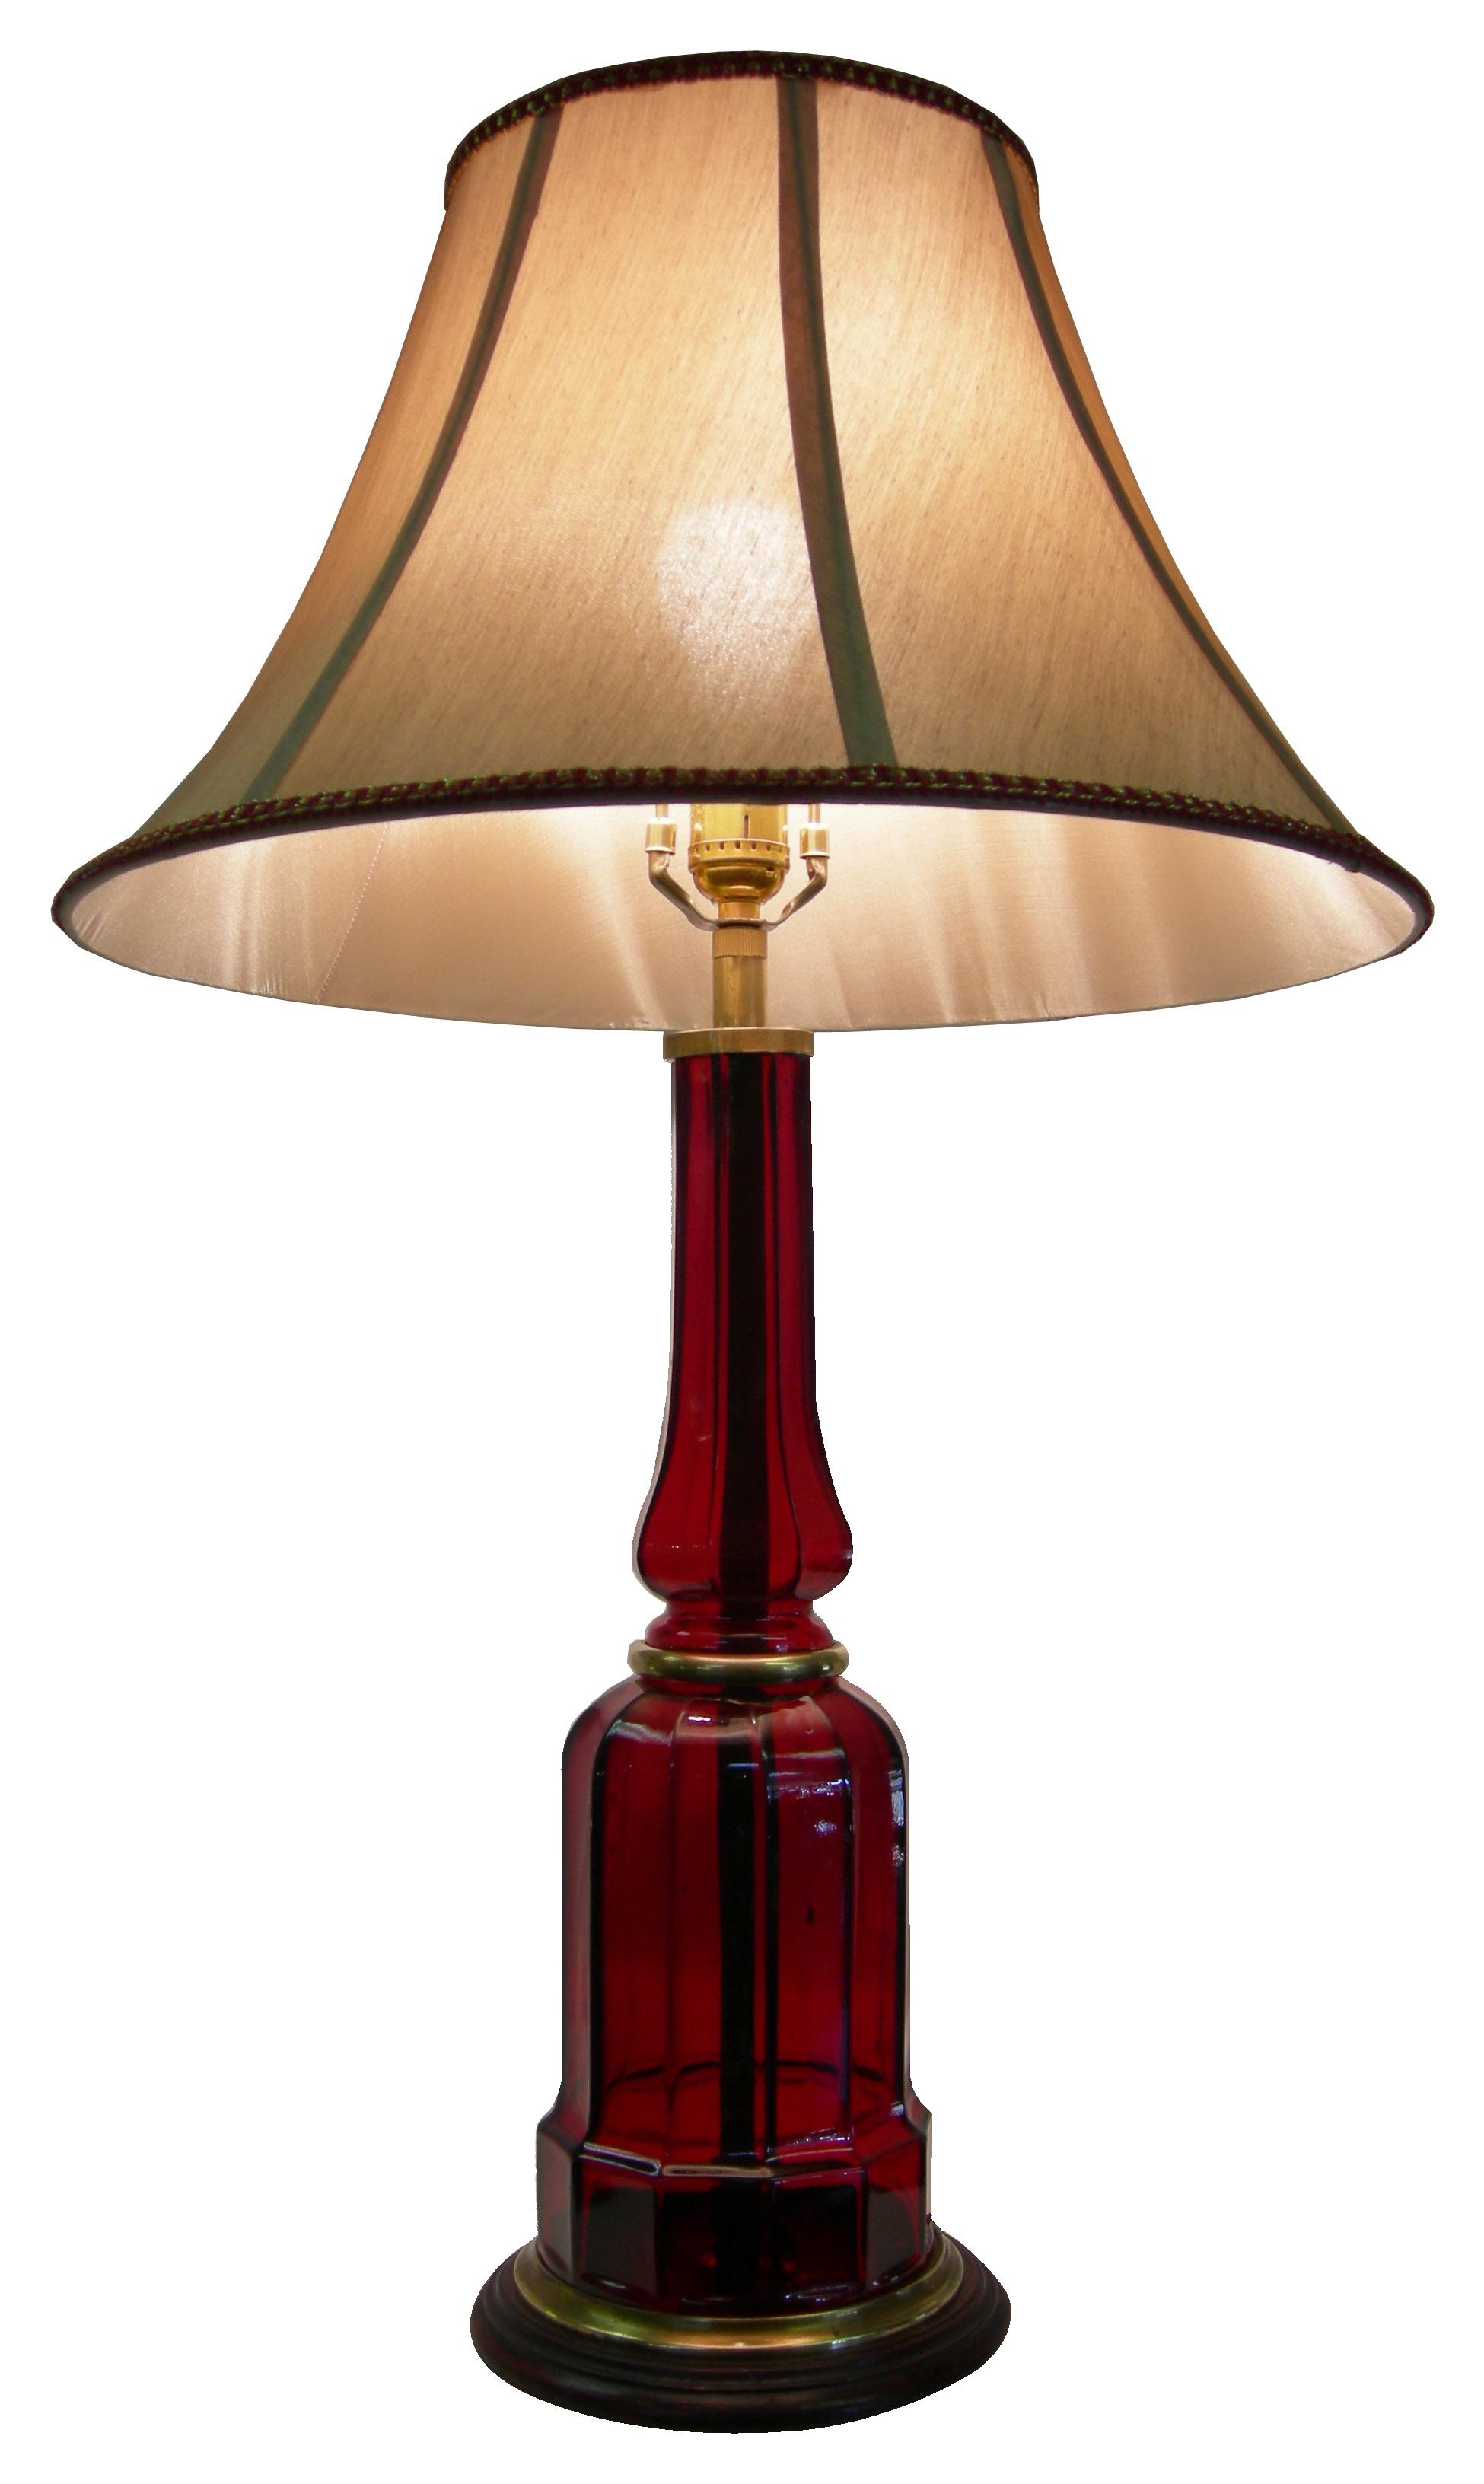 Png image transparent best. Lamp clipart long object